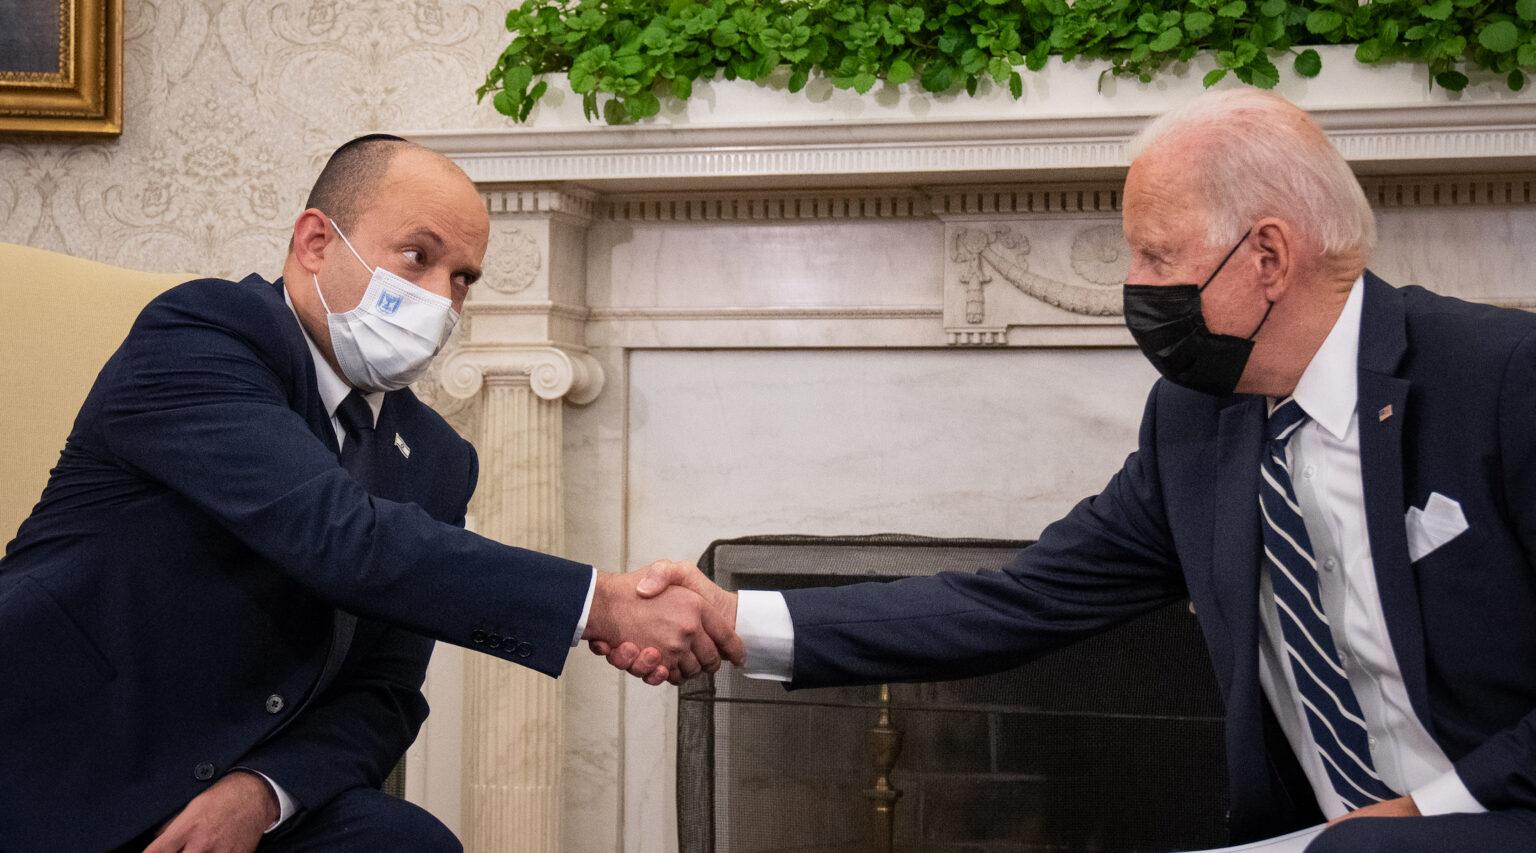 Israeli Prime Minister Naftali Bennett (left) meets President Joe Biden in the Oval Office, Aug. 27, 2021. (Photo/JTA-Sarahbeth Maney-Pool-Getty Images)